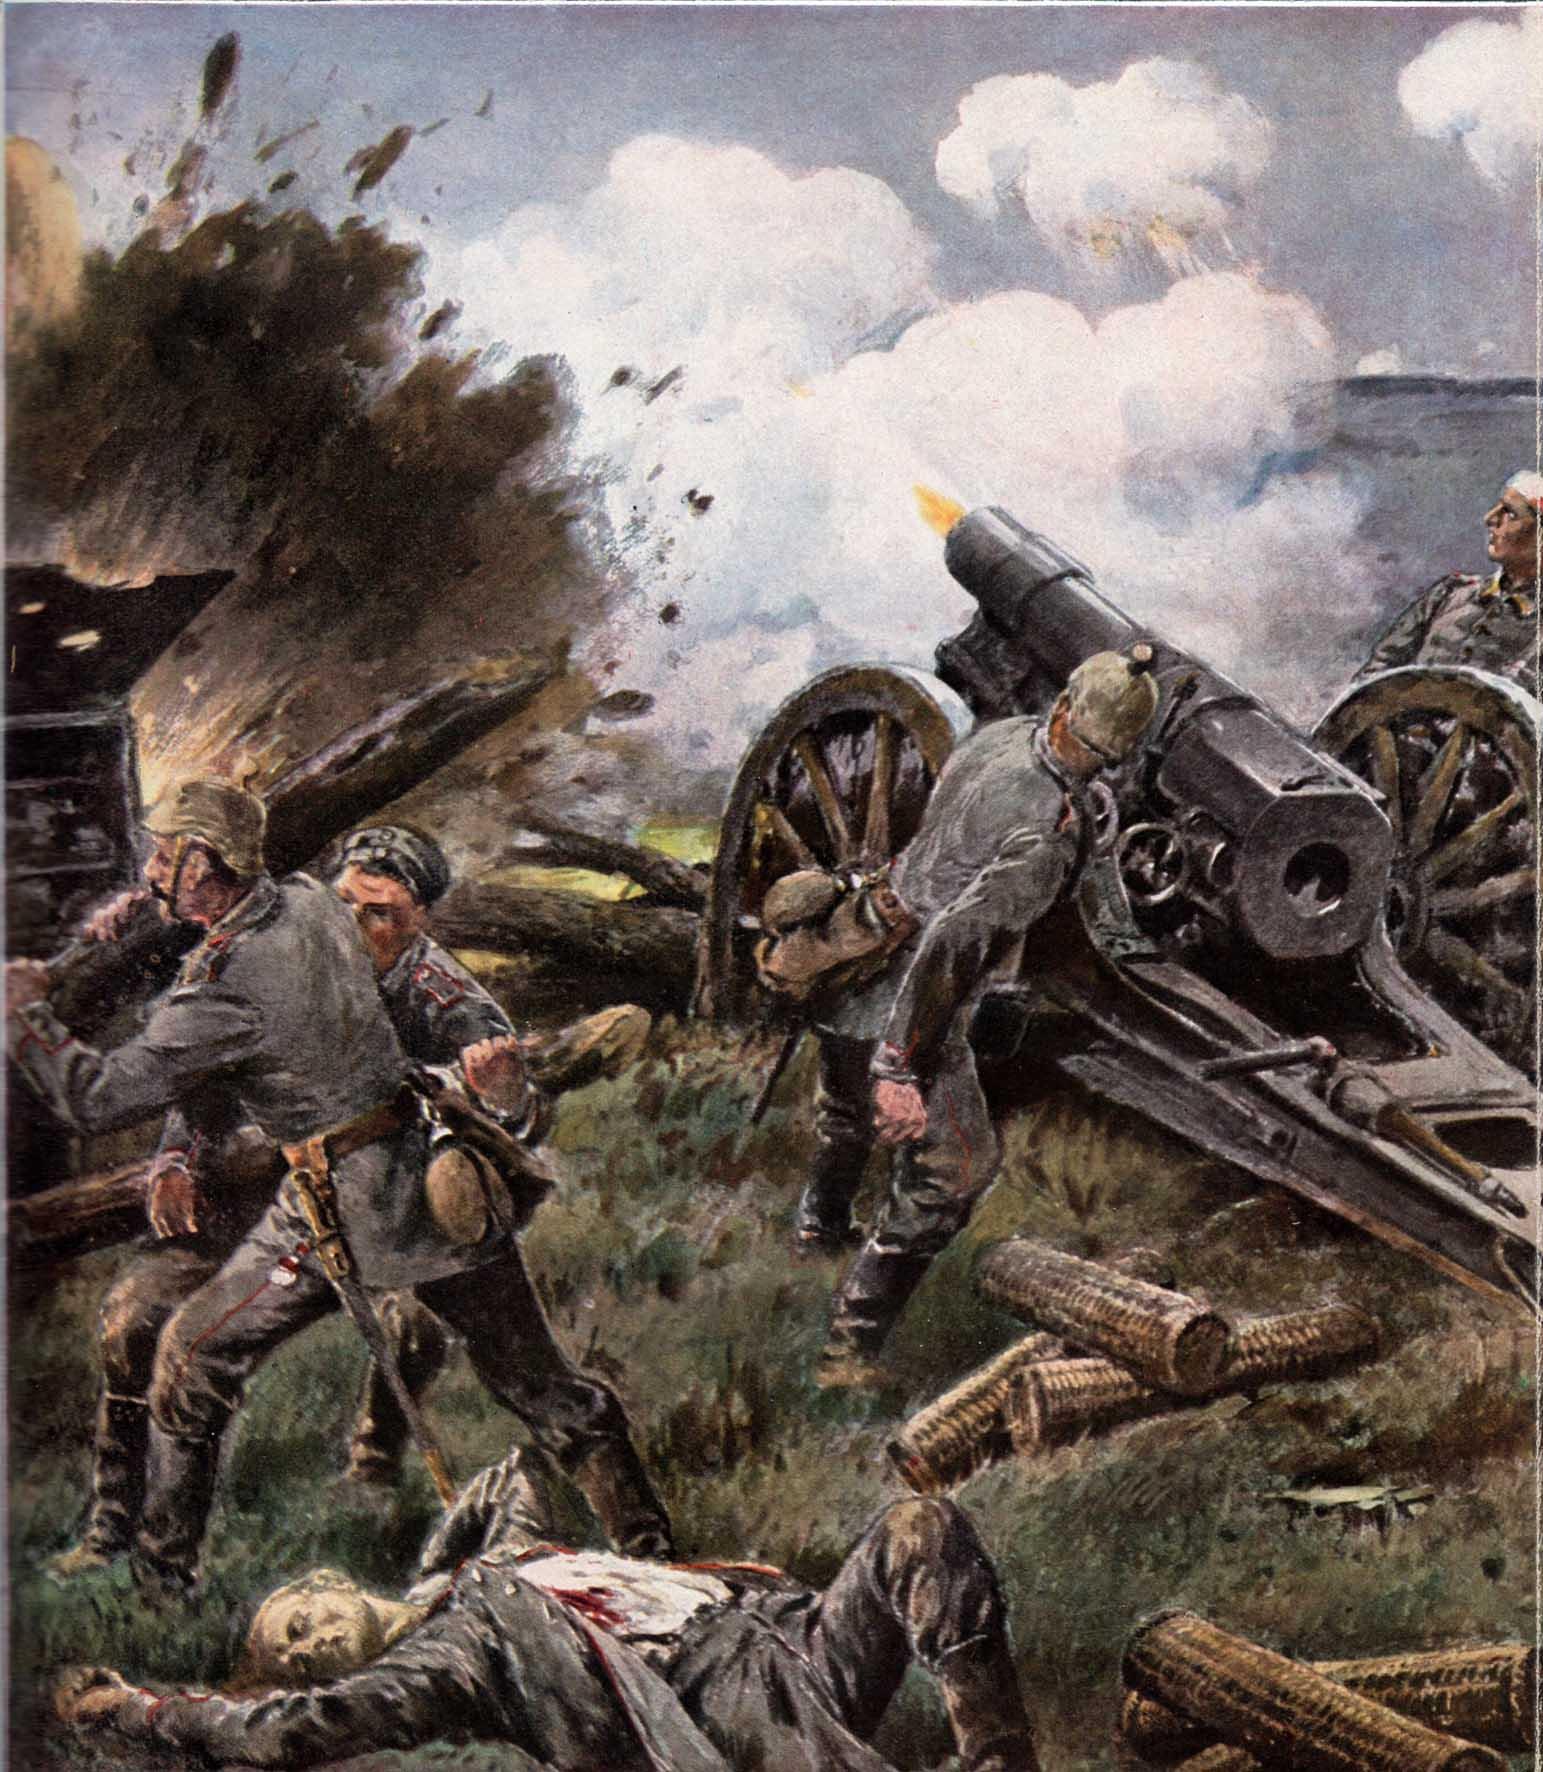 """13. september 1914. """"Han raabte til os om at tage ham med tilbage, men det var den visse Død at vove et Forsøg."""""""